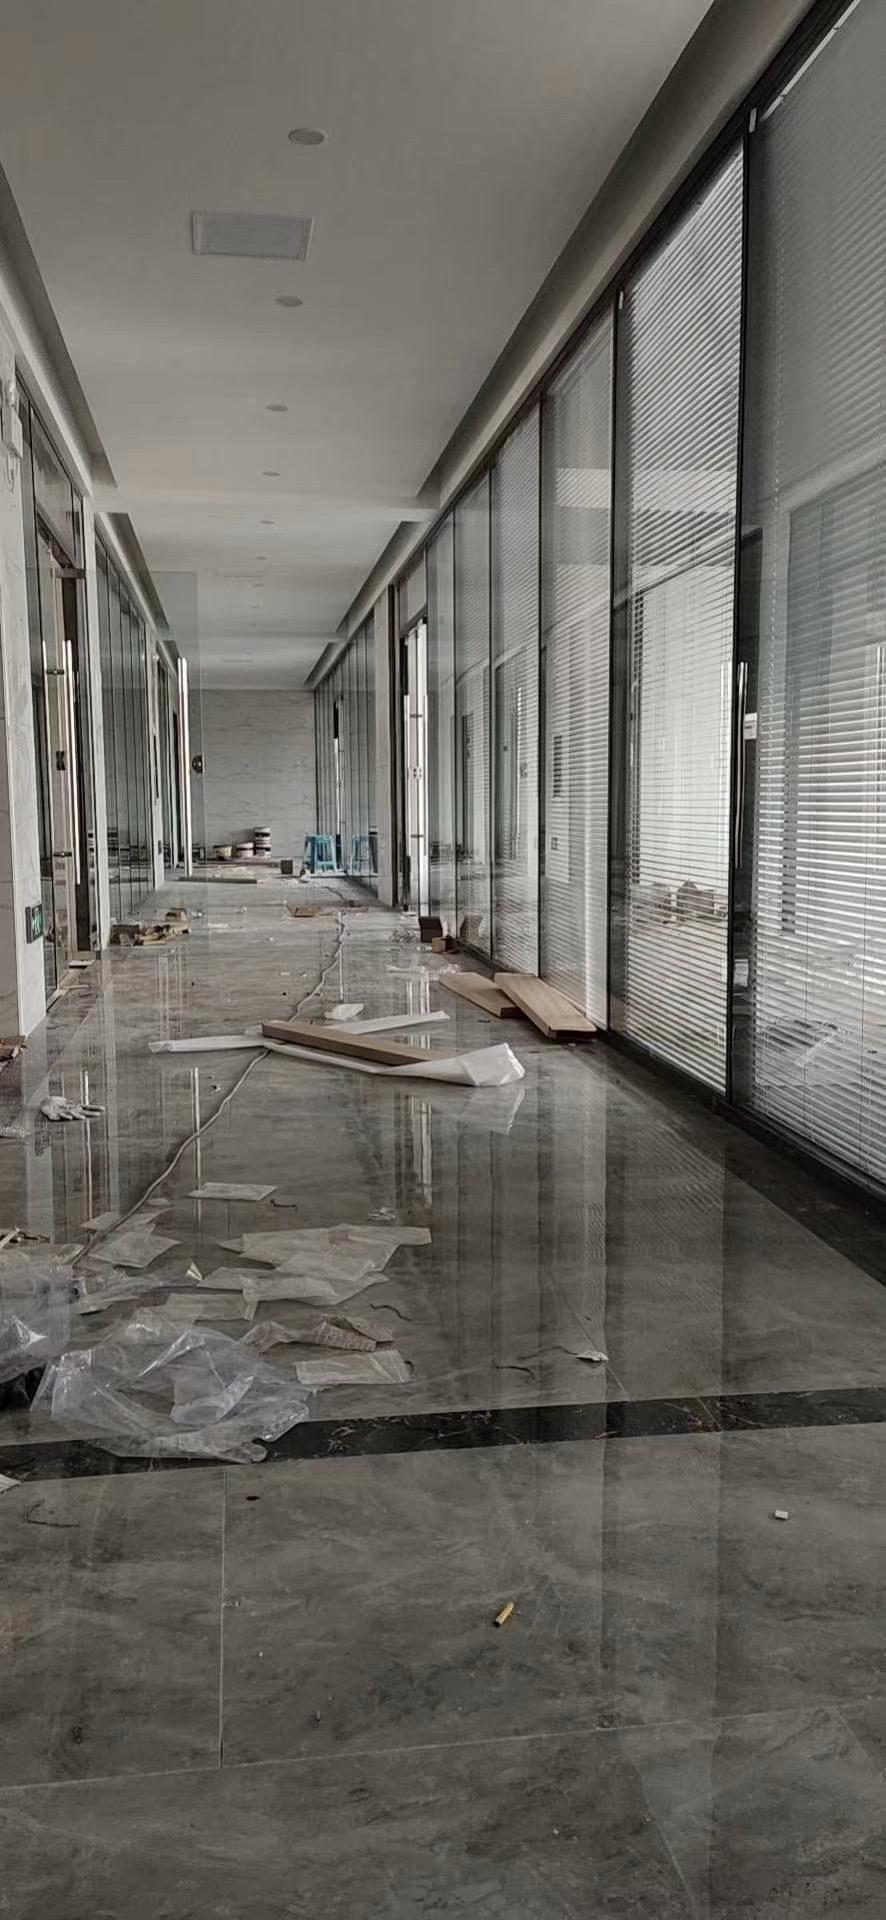 泉州玻璃隔断如何验收